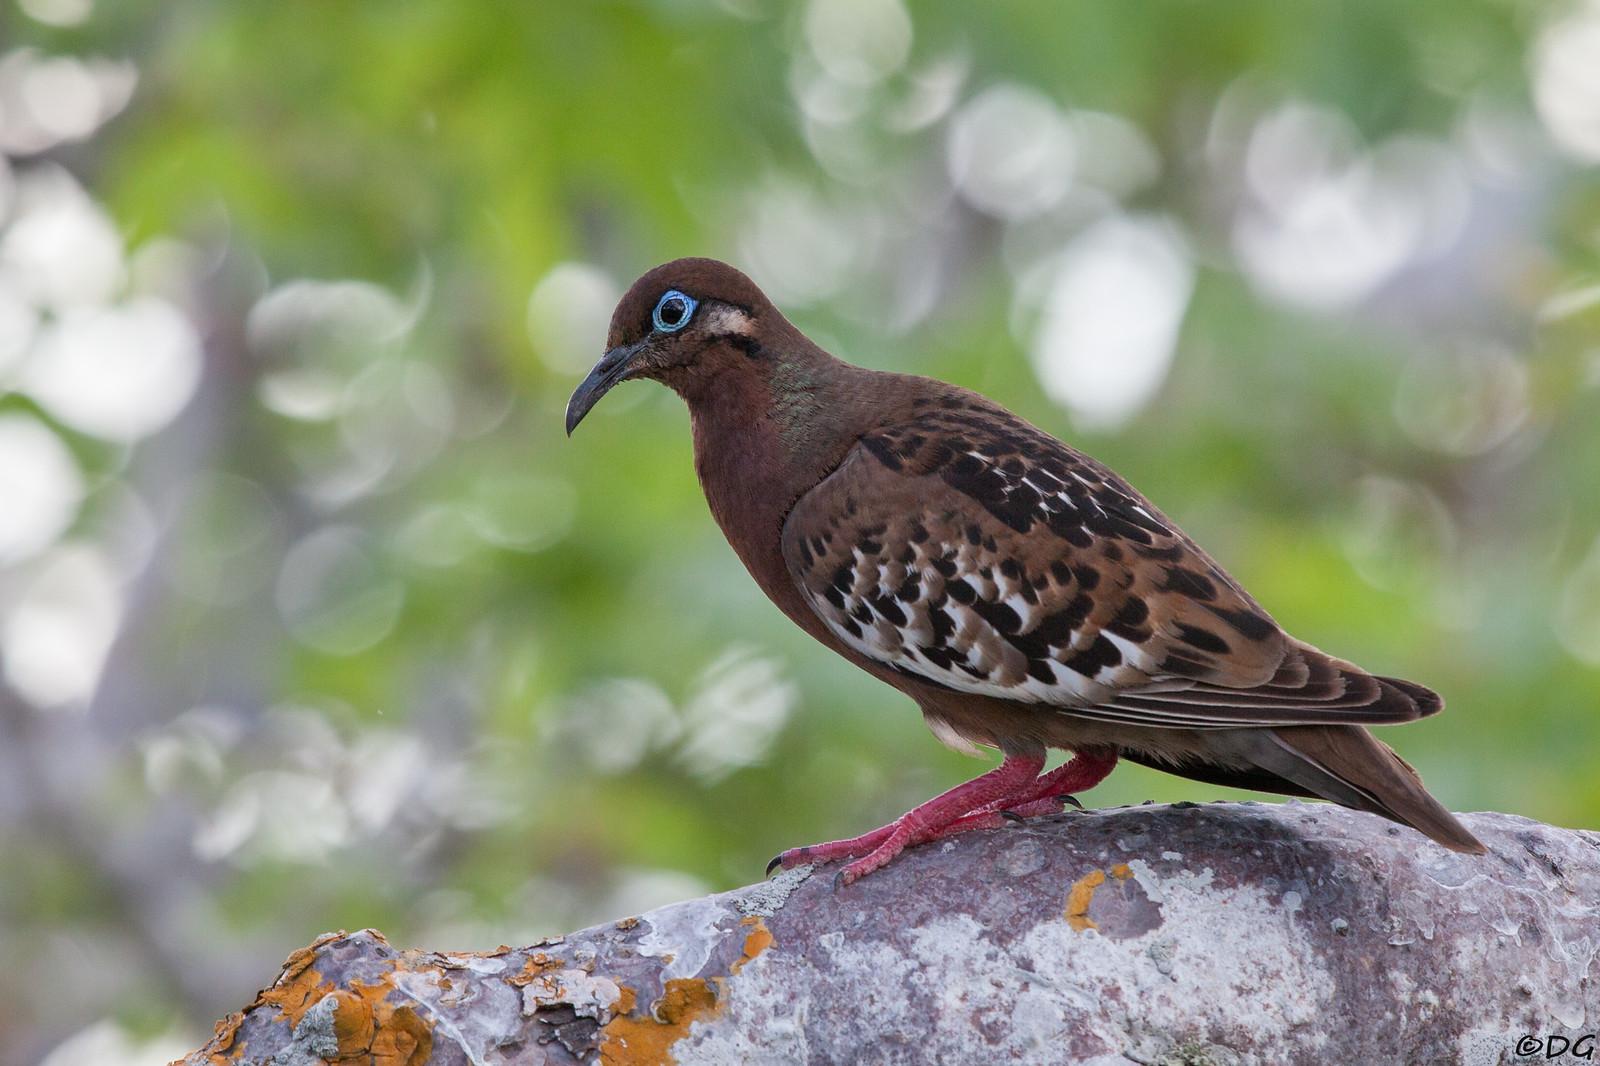 Ecuador, Galápagos, Genovesa: Galápagos Dove.